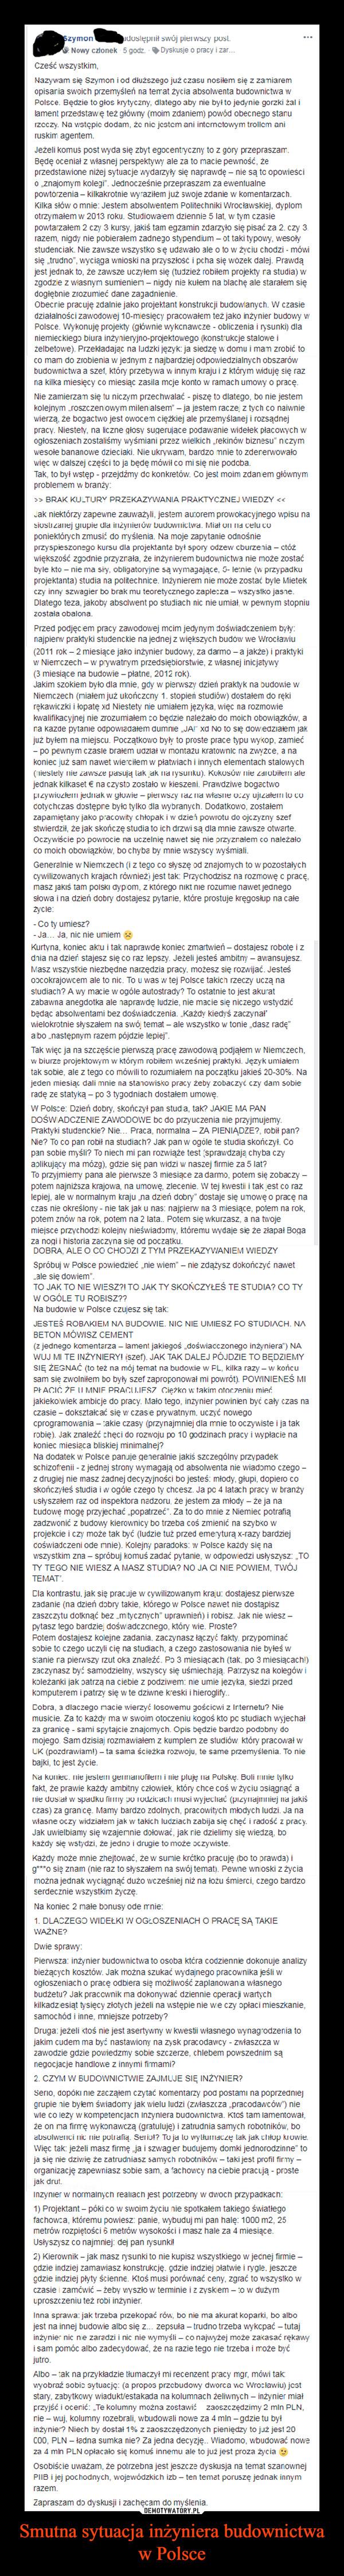 """Smutna sytuacja inżyniera budownictwa w Polsce –  szymon iasd na teatPoloce Bedzie to glos kytyczmy, dlatego aby rie byl to jedynie gorzk tal๒ment przedstave też ptery/mom zdanem powód obecnego stanuzocz No woçpie dodam, zc nic jeohom ani intcmctowym troliom anJezel komus post wyda się zbyt egocentyczmy to z gory przeprasEaTprzedstawione nizej sytuacje wydarzyty się naznajomym kolegr. Jednocześniewy azien juswoje zdanle w komentarzachKika skow omieowtarzalem 2 czy 3 kusy, jakis tam egzamin zdarzylo sie pisać za 2.czy 3azem, ngdy nie pobieralem zadnego sypendum- ot taki typovy, wesotywozek dalejest jednak to, ze zawse uczylem się (tuzez robiem proekty ra studia) wnigdy nie kuem naoglebnie zozumied dane zajadnienieObecrie pracuje acainie jako projektant honstrukcji budowanych, W czasieezialalności zawodowe 10-mesiecy pracowalem se2 jako nzynier budowy vwPoisce. Wykonuje projecty (gownie wykcnawcze-ookzenia irysunkt daktorym widuje sie razna kika miesięcy co miesąc zasila mje konto wramach umouy o pracea jestem racze z tych co naiwniewierza, ze bogactwo jest owocem cpracy. Nestey, na iczne glosy sugeruace podawanle widelek placowych wogioszeniach zostalmy wyśmiani przez wiekichekinów biznesu"""" nczymęc w daszej cześci to ja bedę mówHco misę nie podobaak niorzy zapene zauwazyi, jestem aunorem prowokacyjnego wpisu naponieidorych zmusi do myienia Na moje zapytanie odnośniewiekszośč zgodnie przyzraia, 2e inzynierem budownictwa nie może zostaće byt sporctorlenle (w przypadke mote zostat byle MelekstopniuPrzed podjec em pracy zawodowej mcim jedynym doswiadczesiem byynaplerw prakty kl studenctie na jednej z więiszych budow we Wirociawiu2011 rok-2 miesiące jako inzynier budowy, za damo-a jakde) iprakyjakim, szokiem byodame, goy w pierwszy dzied praktyk na budowe wNiemczech (mialem juz utonczony 1 stoplen studiów) dostalem do rekkawiczkilopaed Niestety ne umiem jezyka, wiec na rozmowiejuz bylem na miejscu Poczatkowo byty to proste prace typu wysop, zamieckoniec już sam nawet wech"""